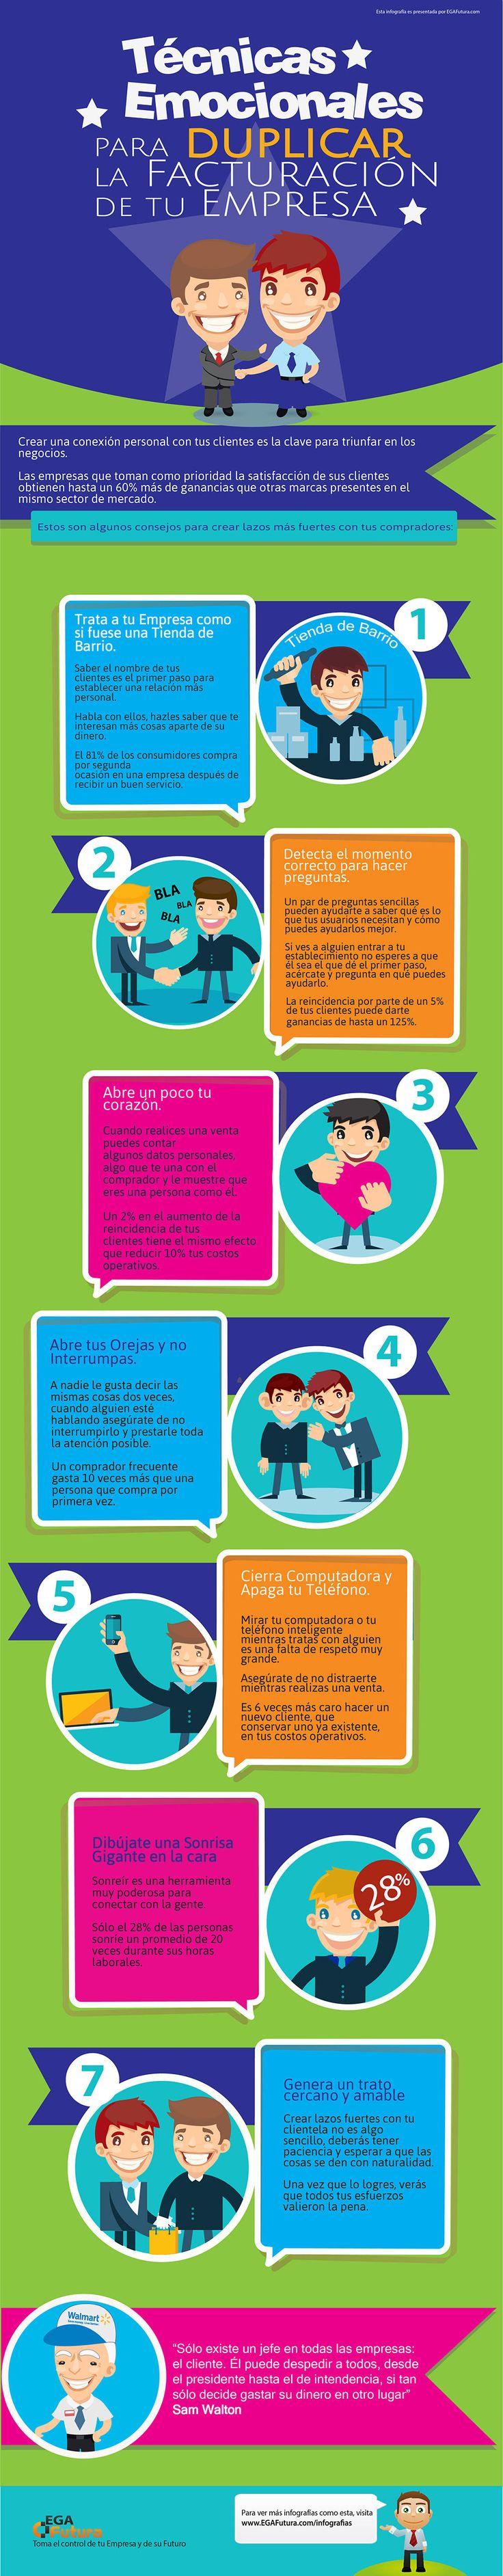 infografia sobre tecnicas emocionales para duplicar la facturación de tu empresa